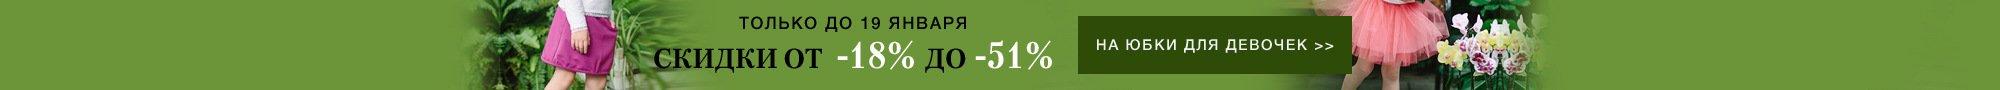 Скидки от 19% до 28% на коллекцию Образы в бирюзовых тонах